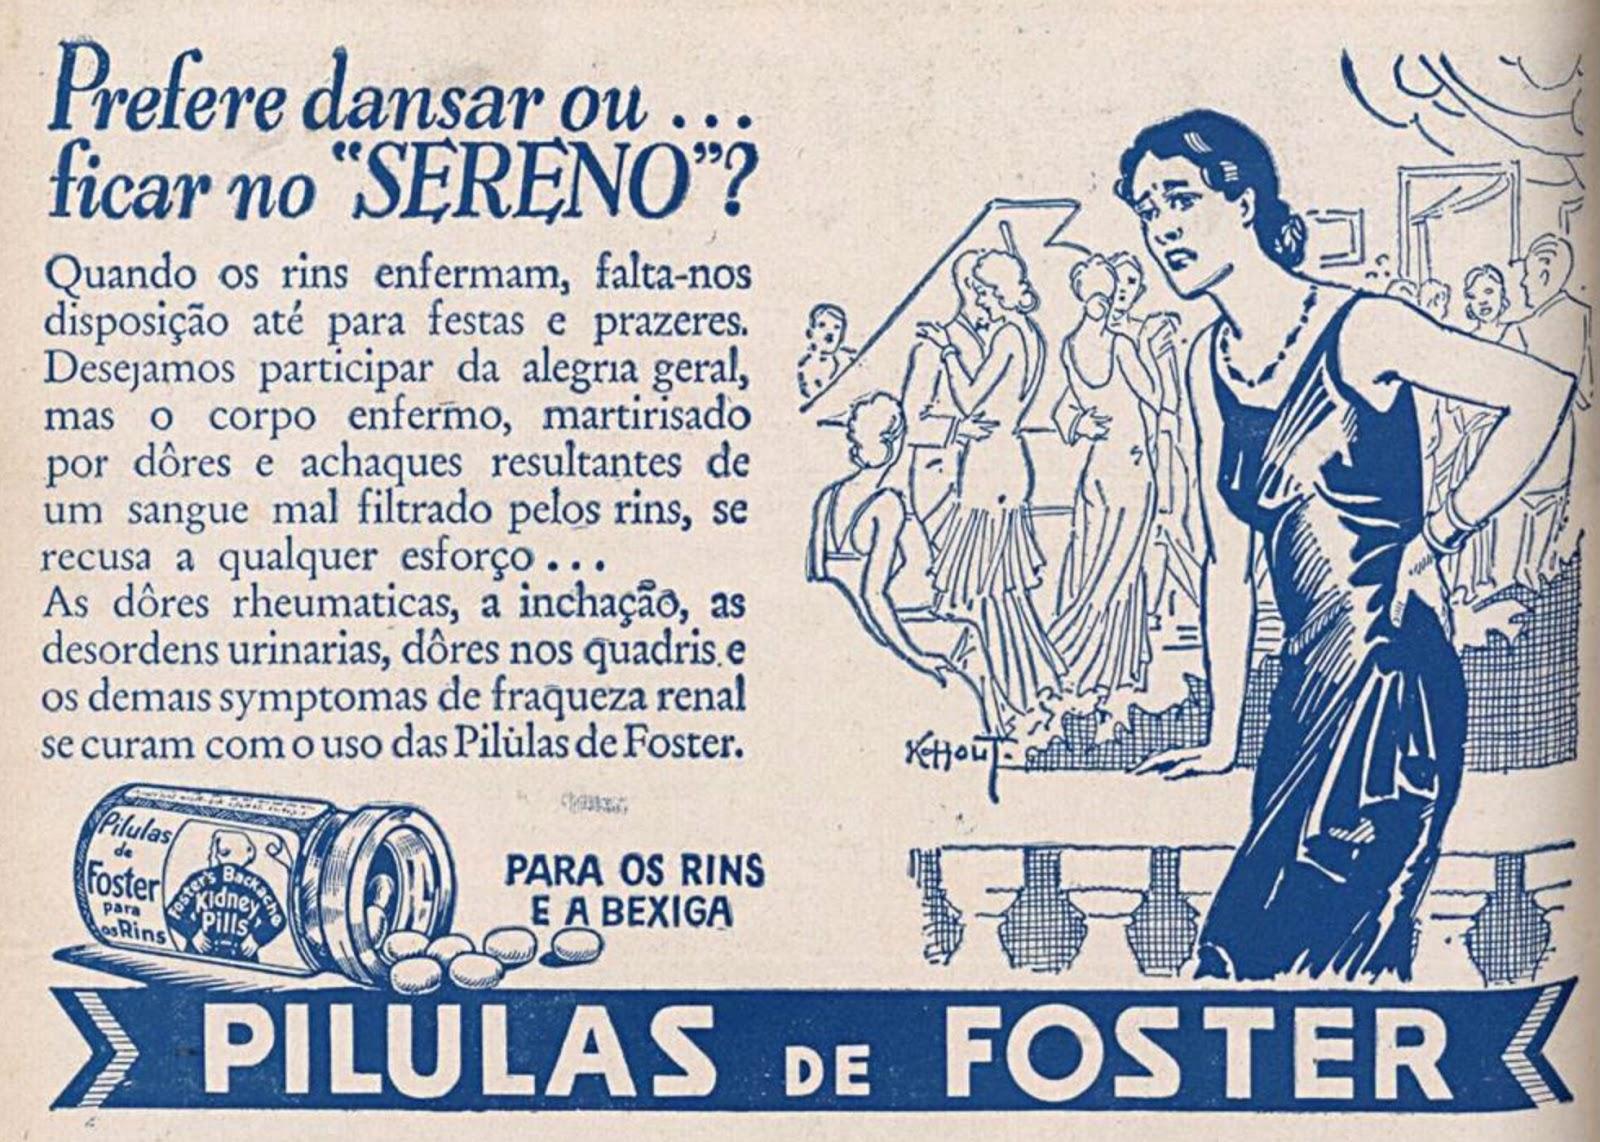 Propaganda antiga de remédio para rins e bexiga apresentado em 1939